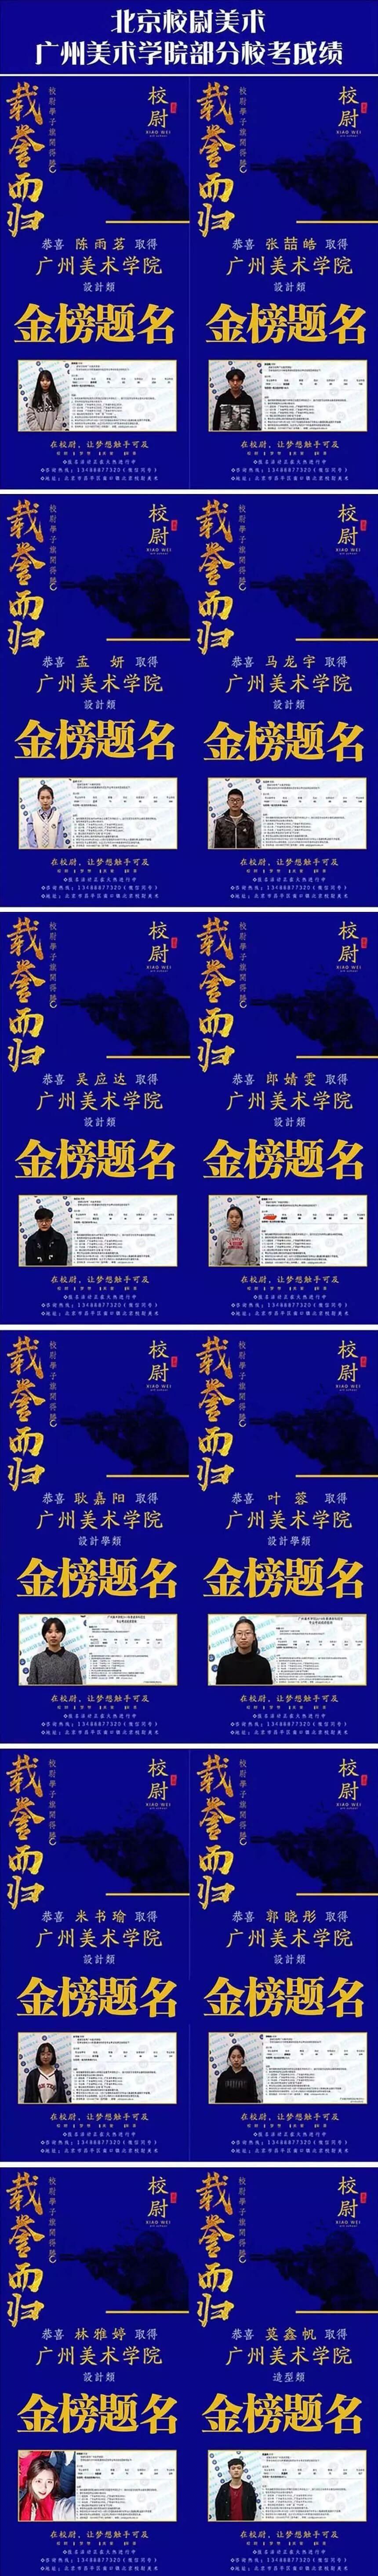 校尉画室:寒假班招生简章 | 预报名2020年集训豪礼重重!,北京画室,北京美术培训     32